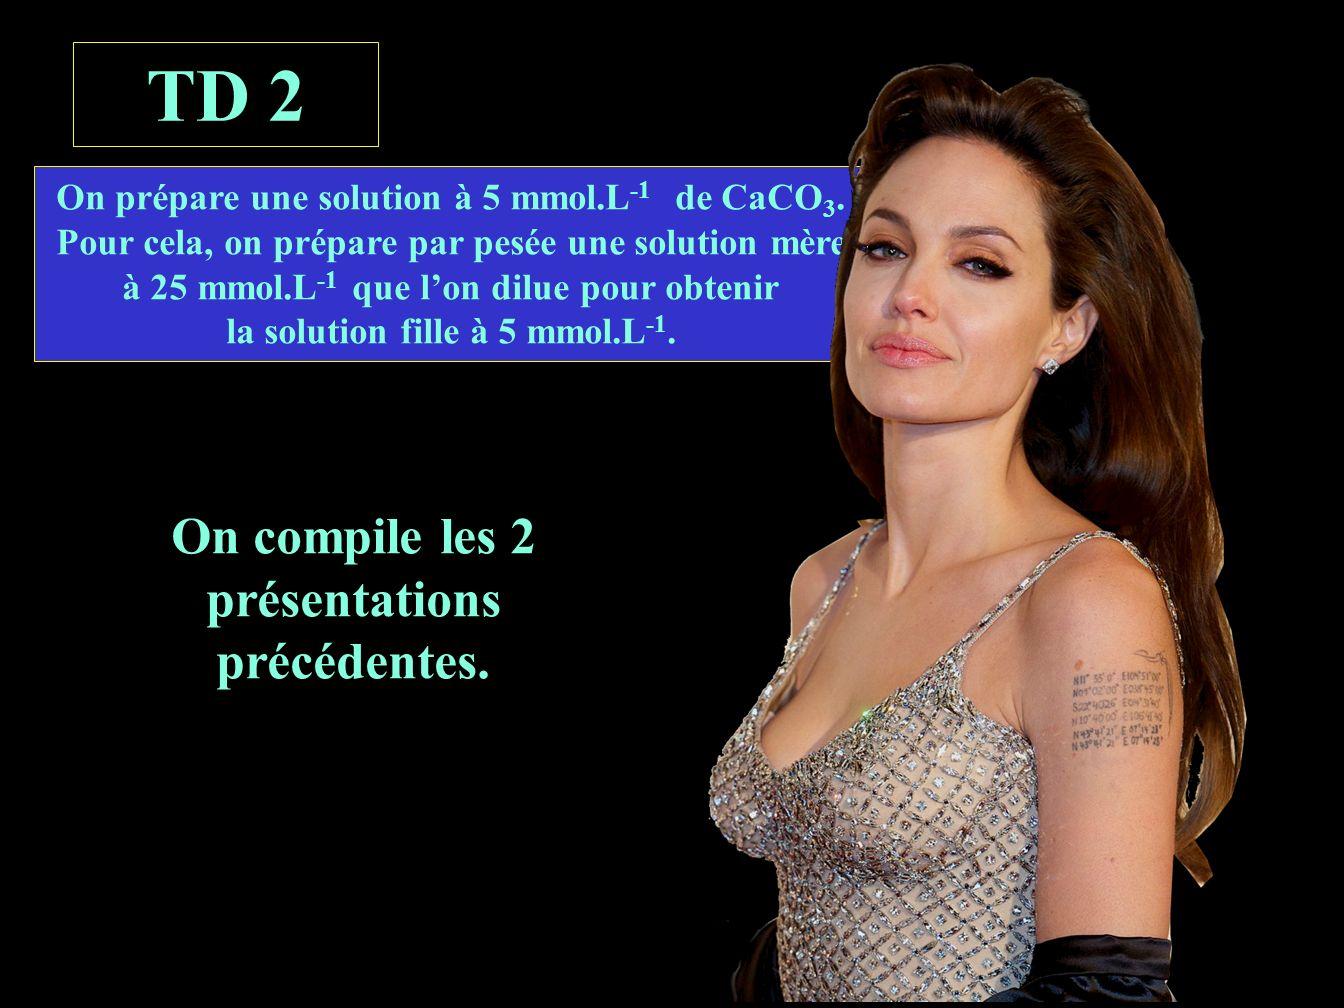 TD 2 On compile les 2 présentations précédentes.On prépare une solution à 5 mmol.L -1 de CaCO 3.